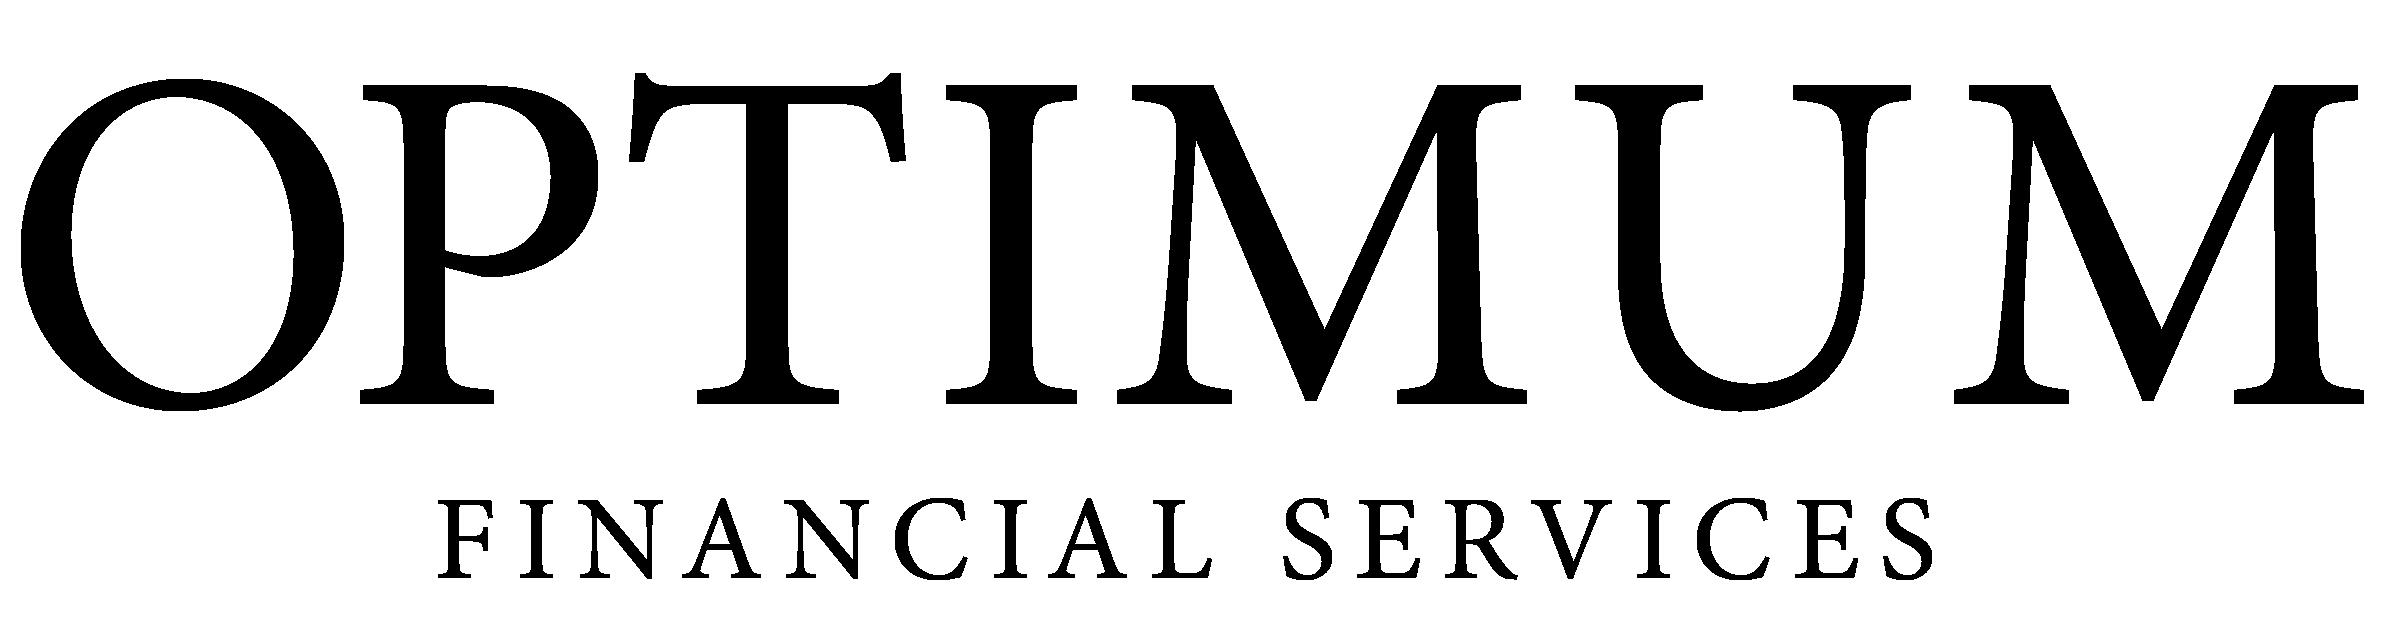 Original optimum logo